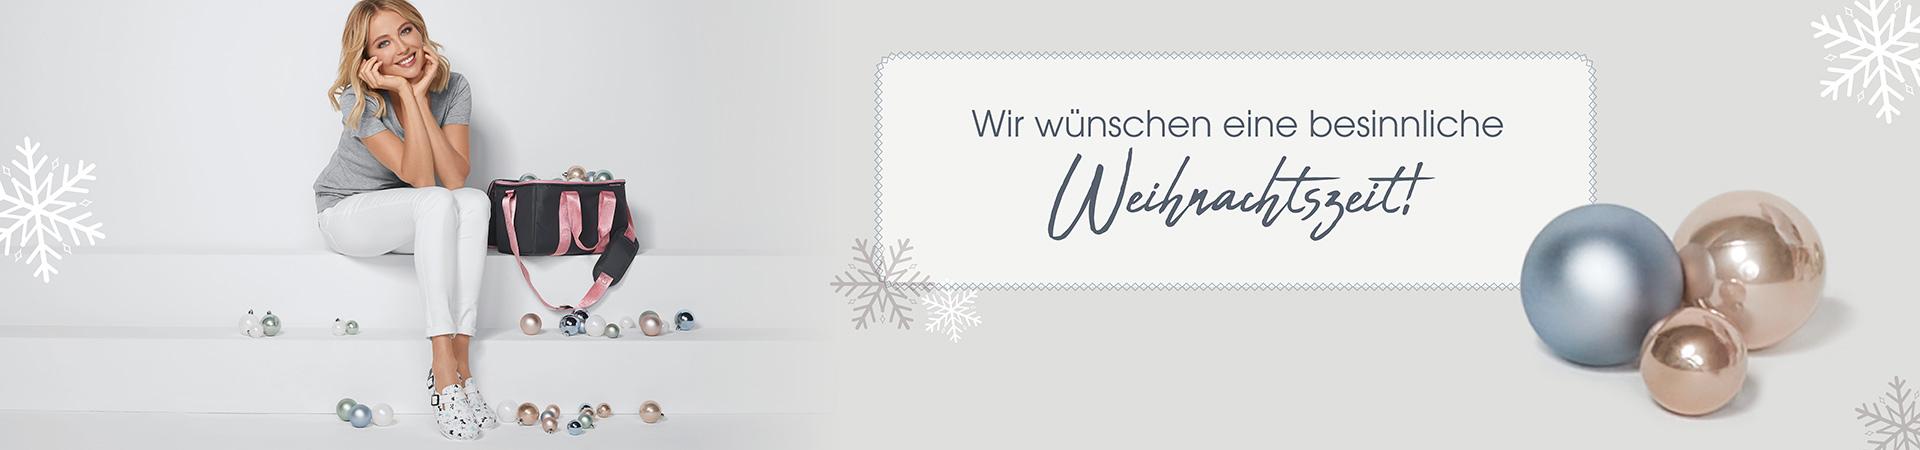 Wir wünschen eine besinnliche Weihnachtszeit!